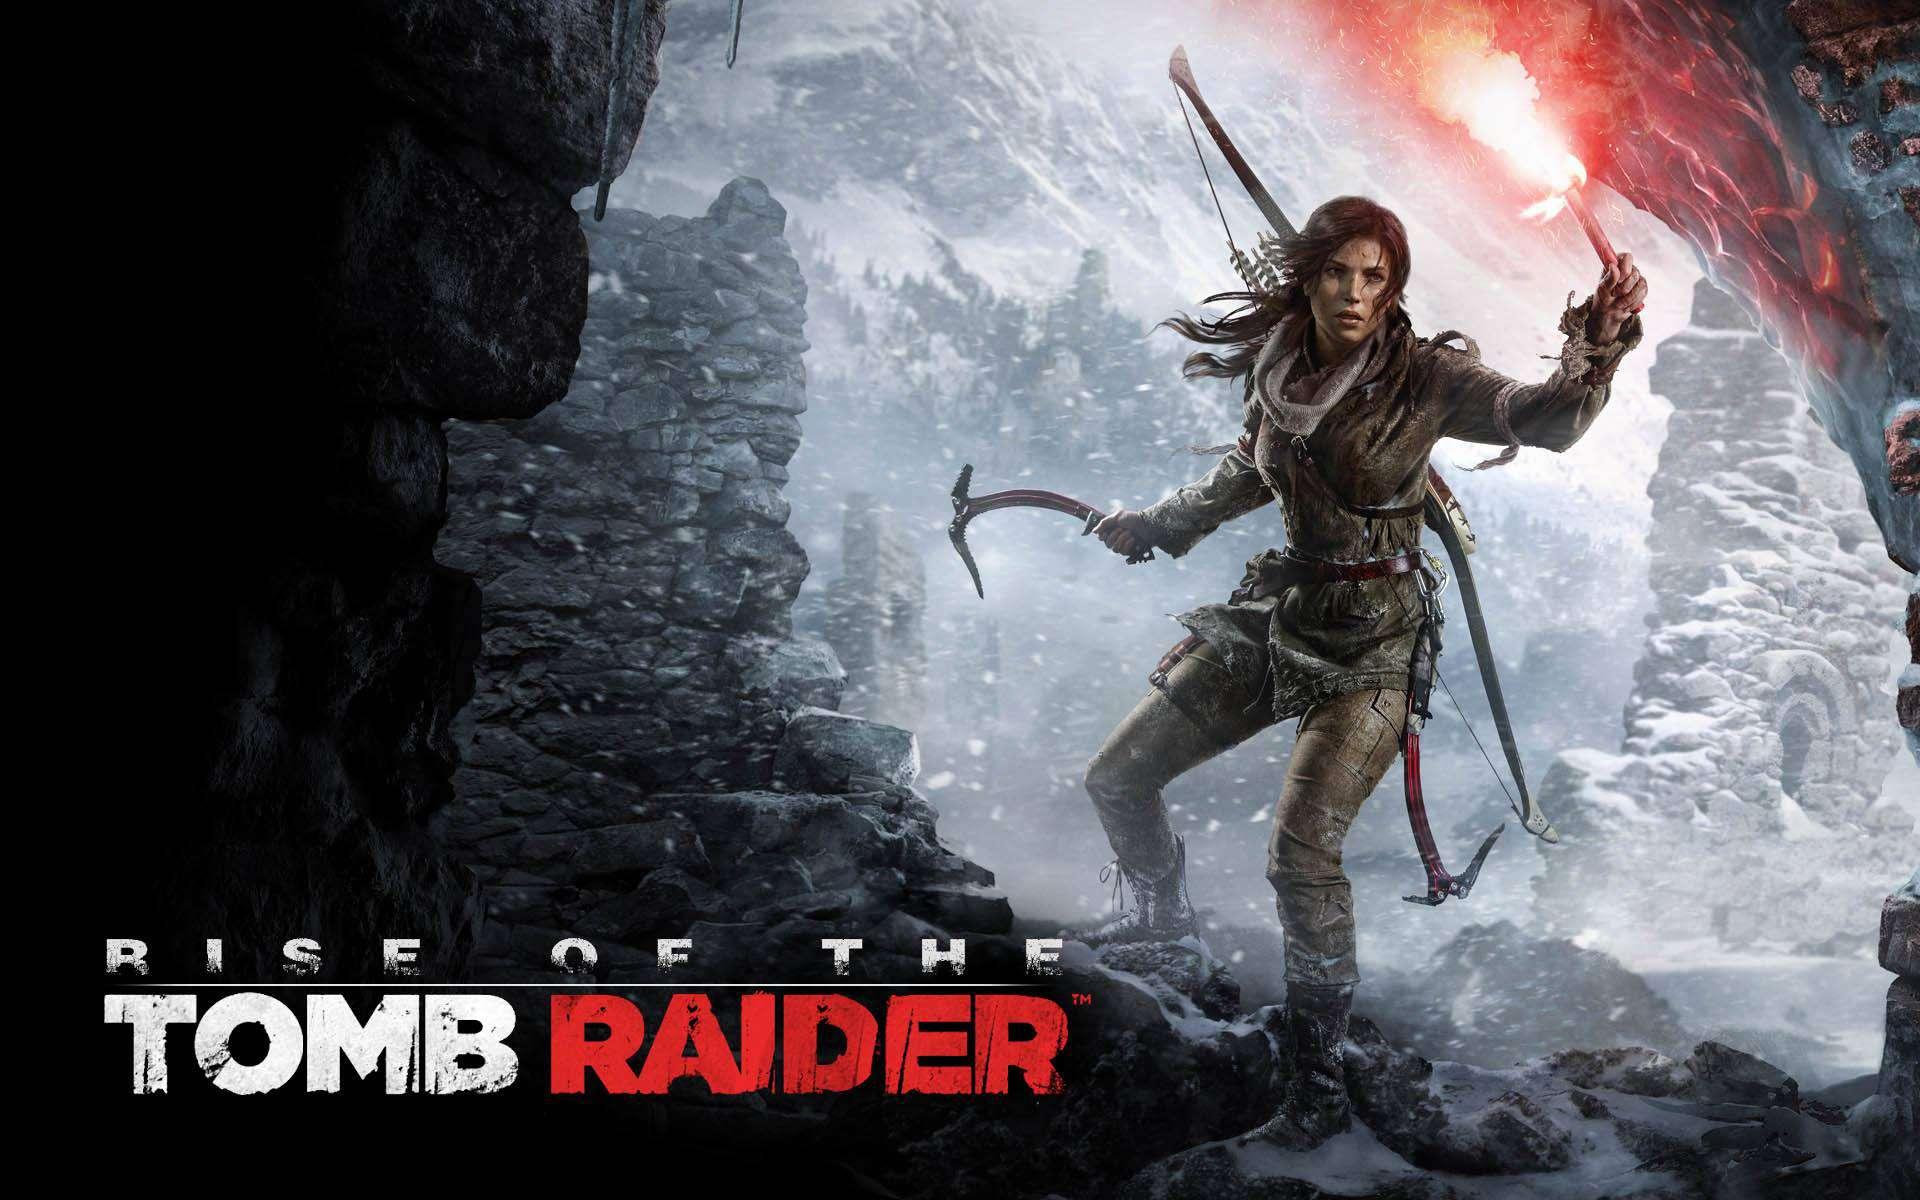 Spielen Rise of the Tomb Raider herunterladen frei PC installieren